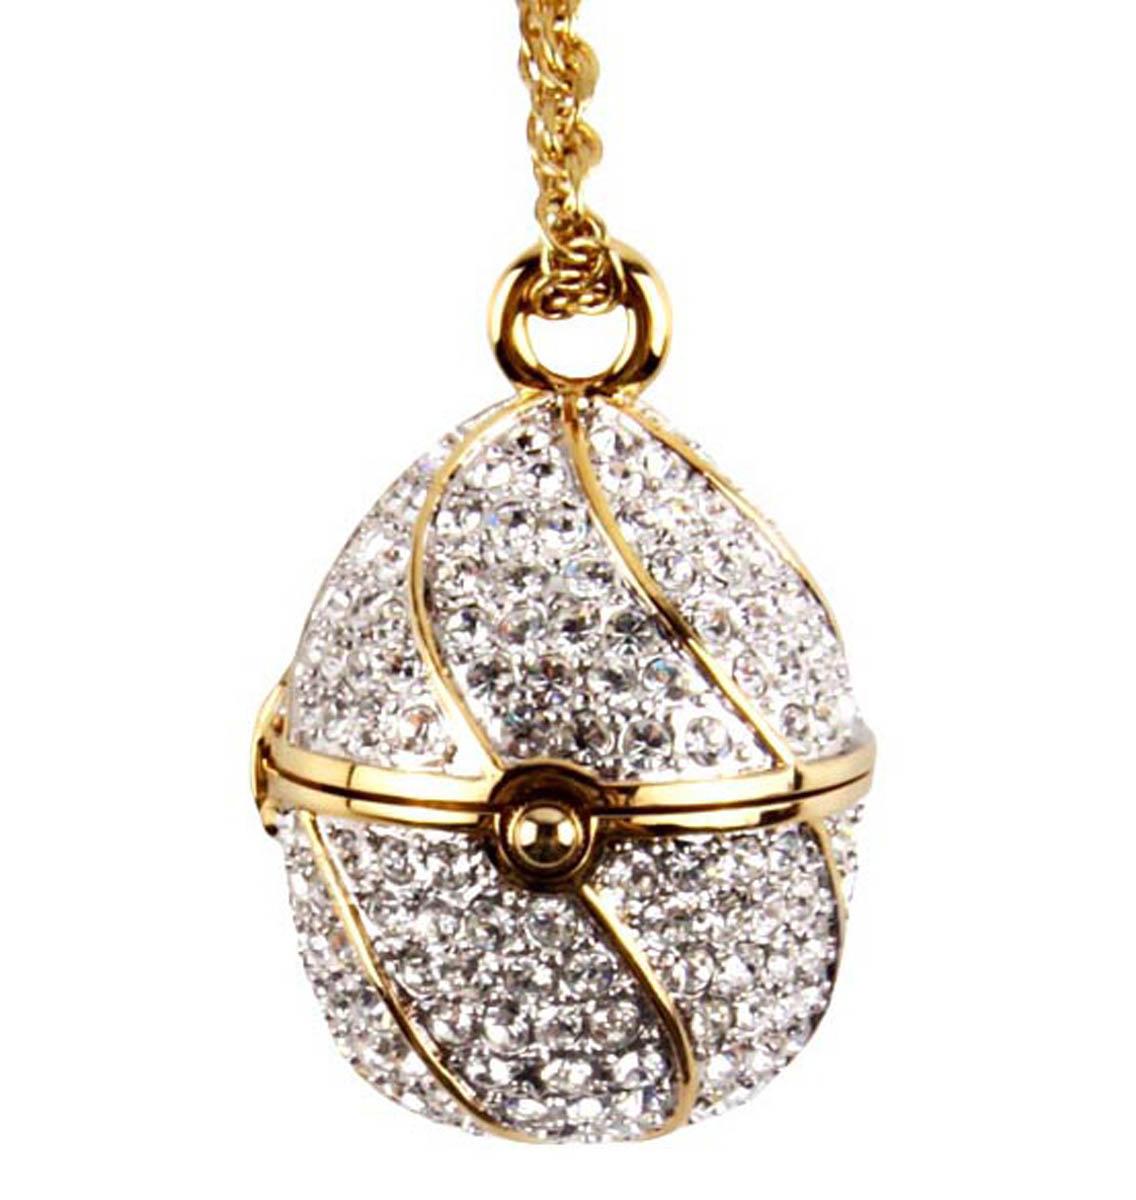 Подвеска/кулон бижутерный Антик Хобби ОС31802, Бижутерный сплав, Кристаллы, золотой, серебристый